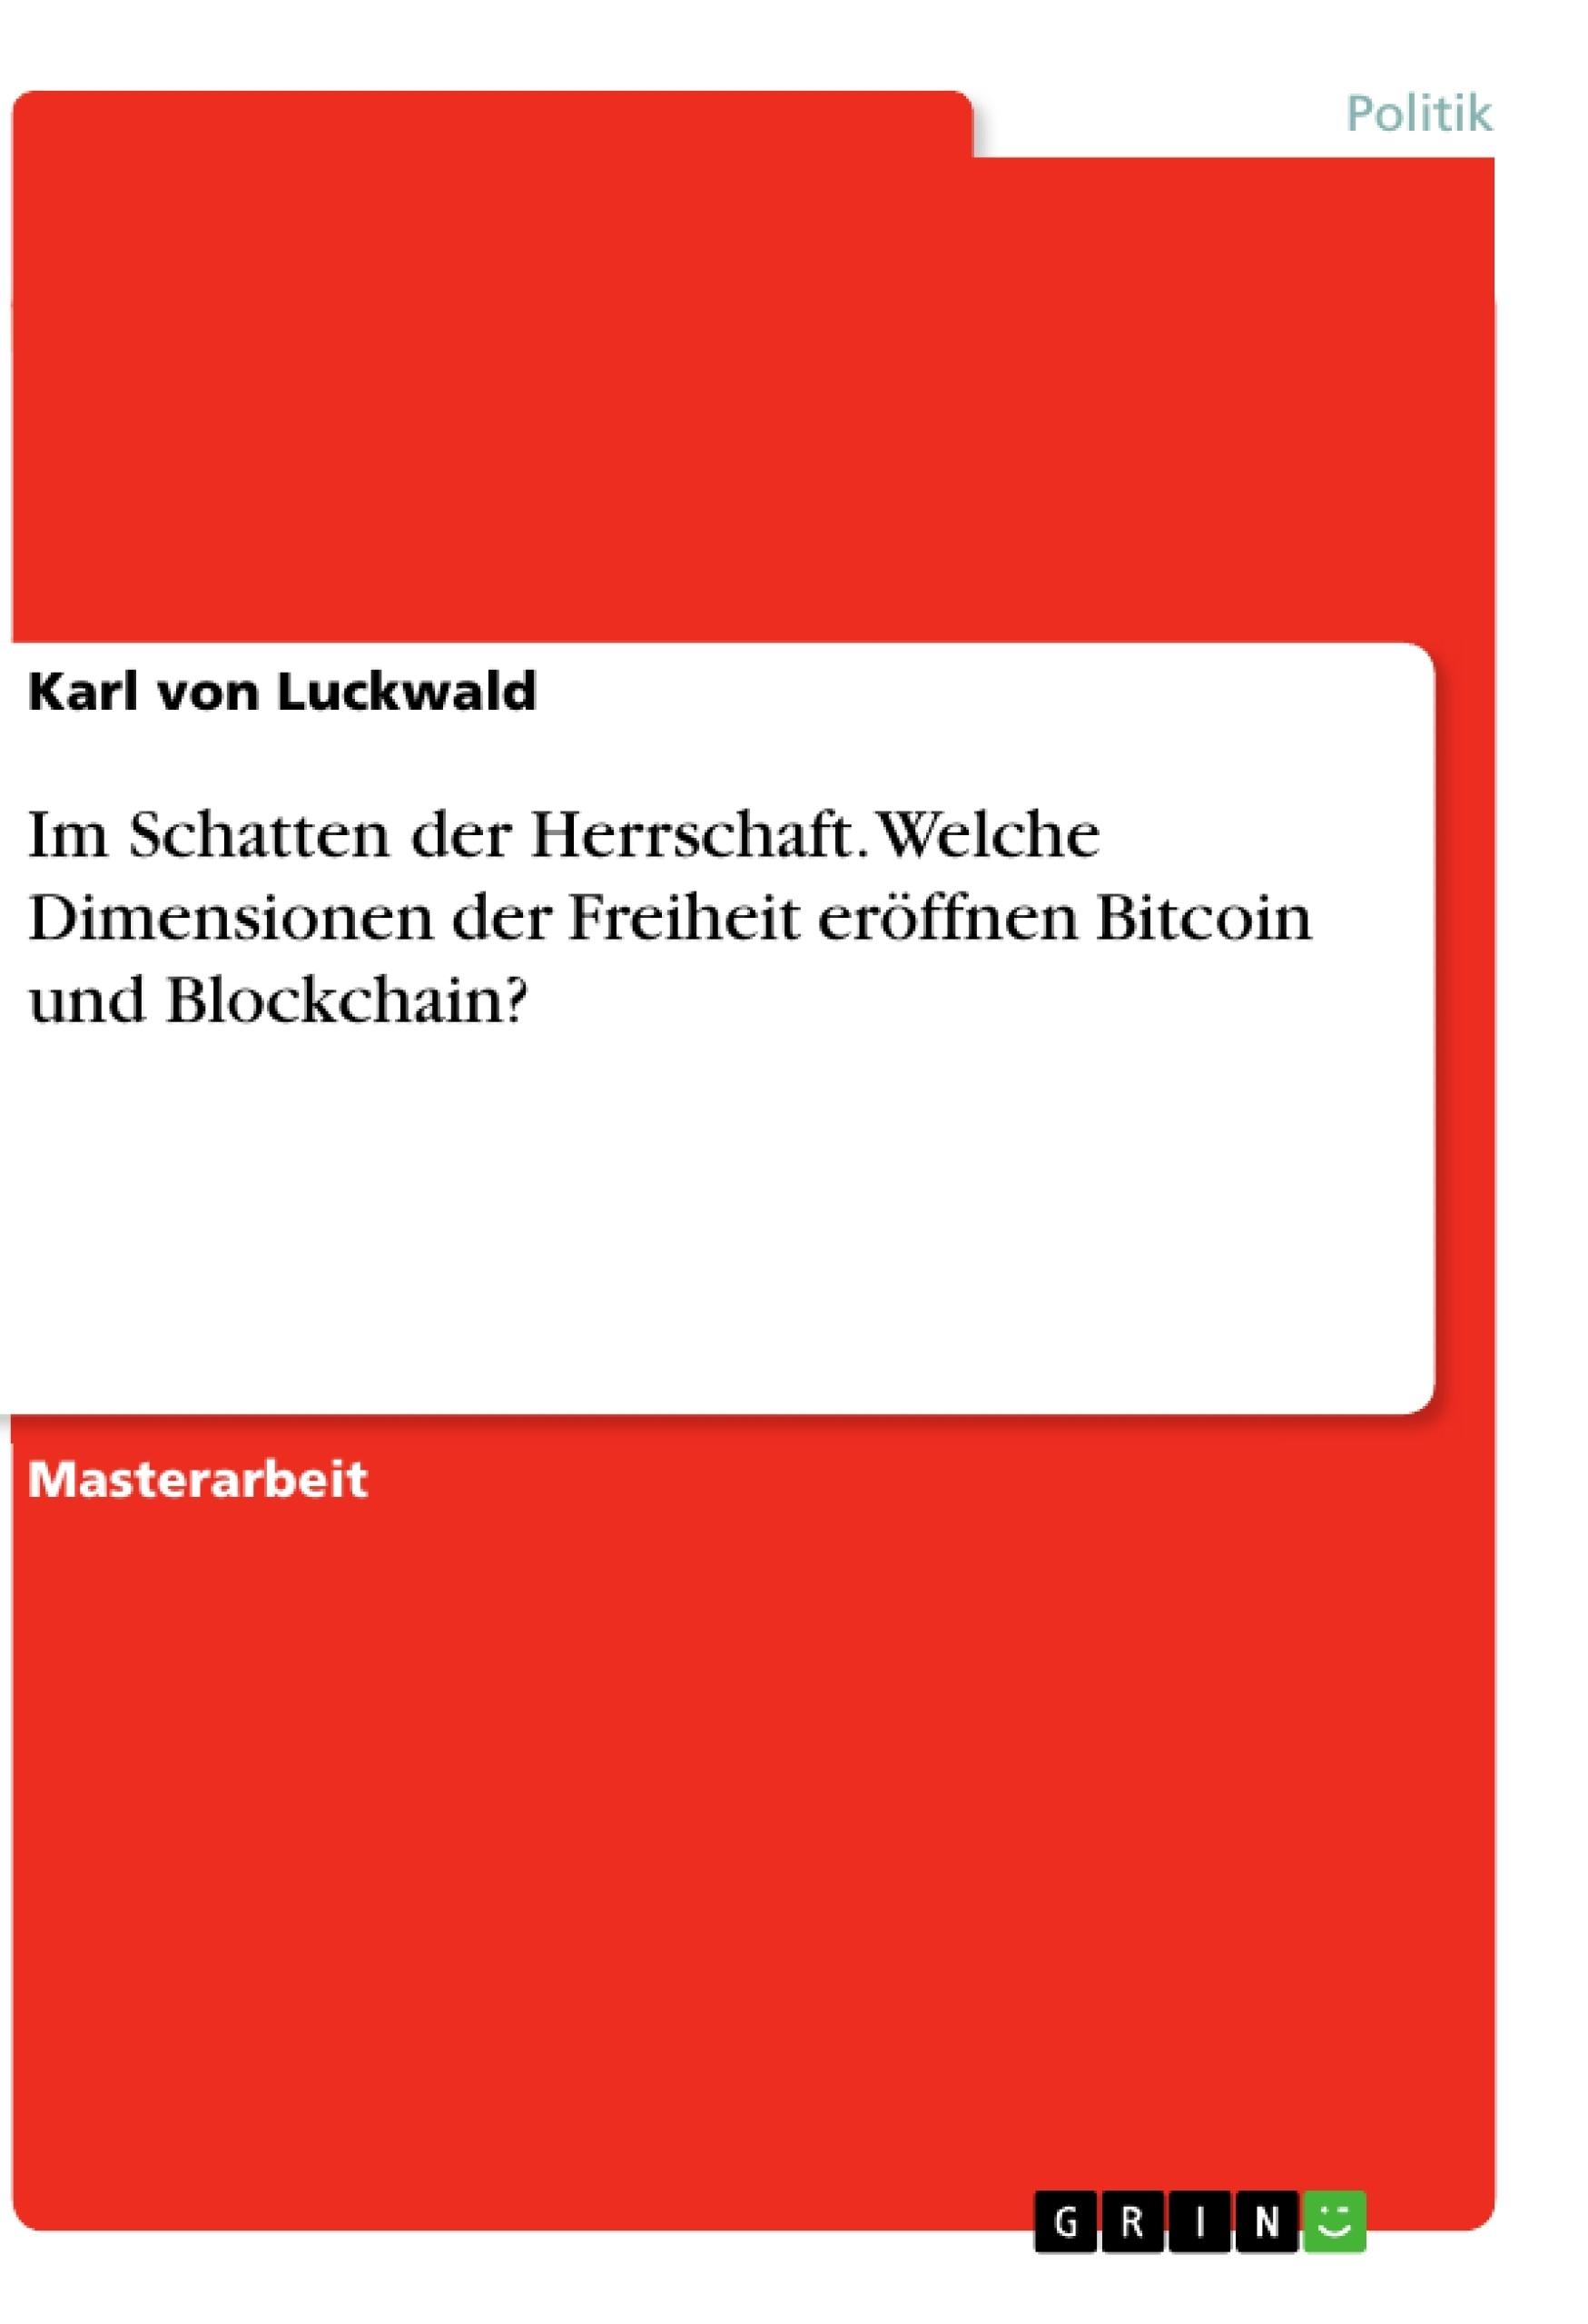 Titel: Im Schatten der Herrschaft. Welche Dimensionen der Freiheit eröffnen Bitcoin und Blockchain?